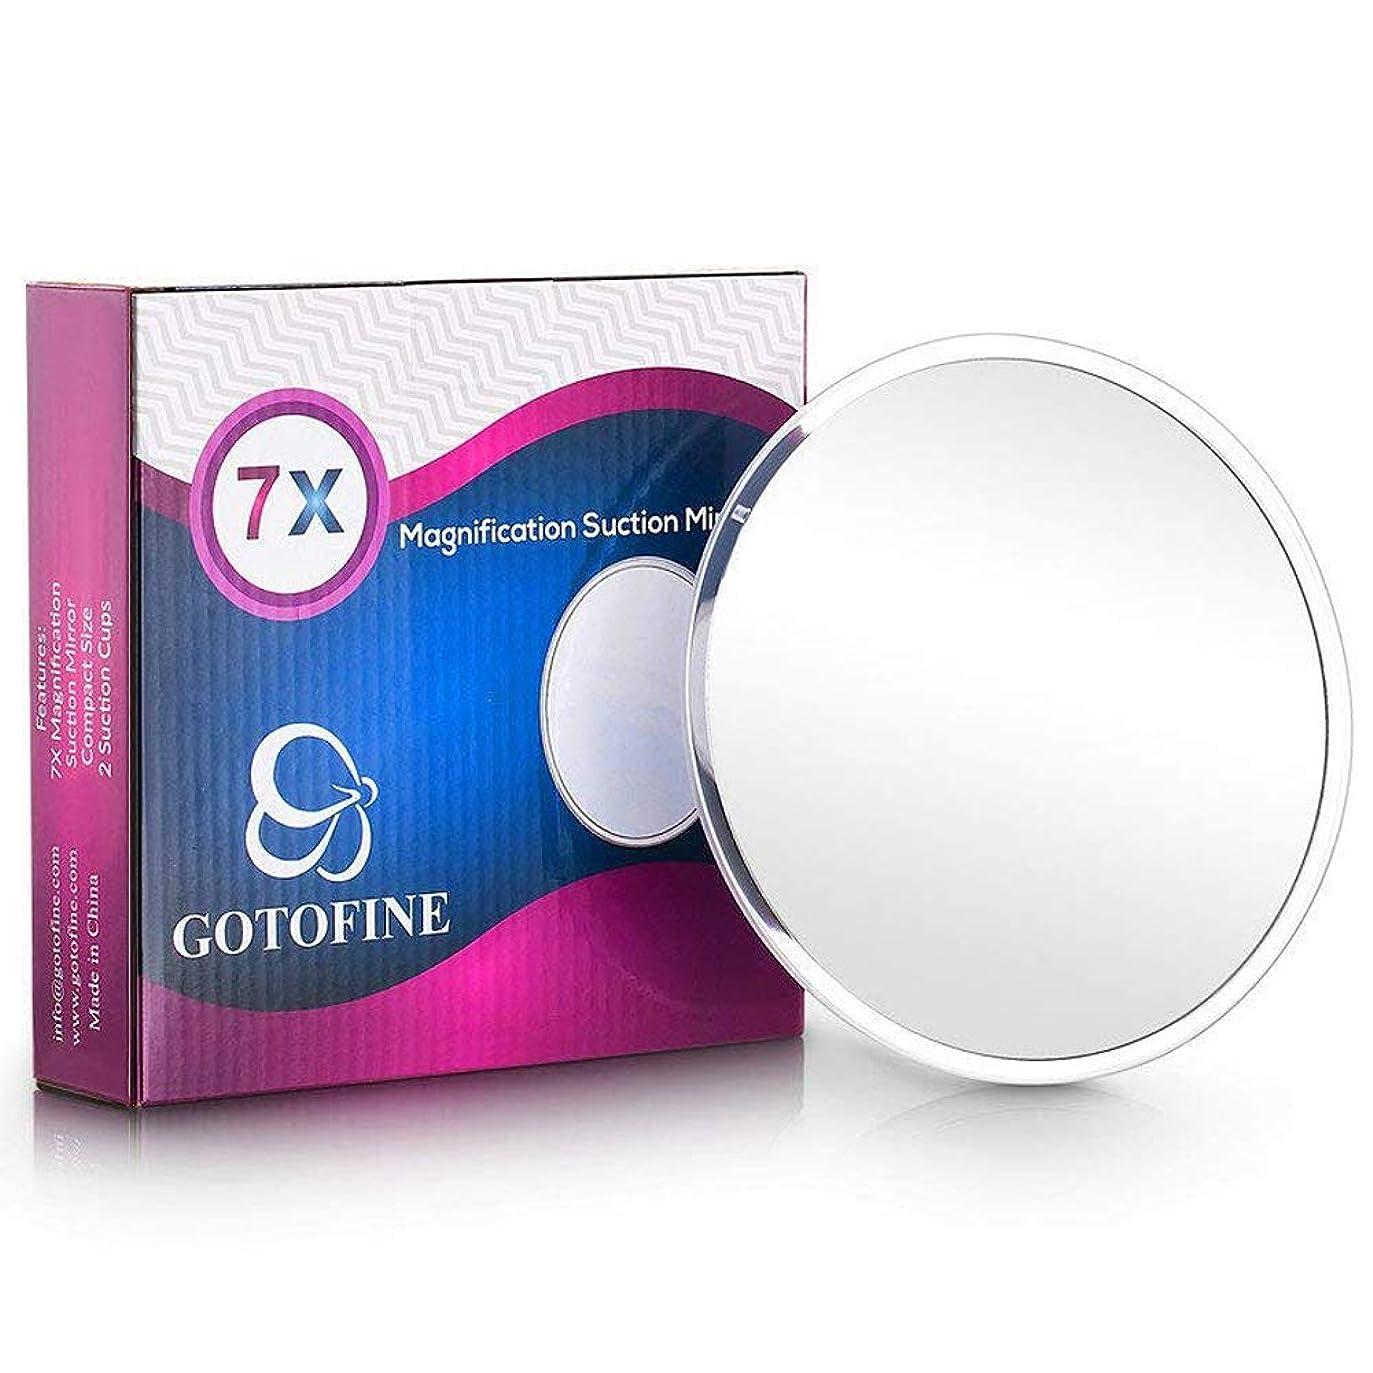 秘書ビタミンインペリアルGotofine 化粧鏡 7倍 メイクミラー 風呂鏡 吸盤付き 浴室鏡 化粧ミラー 女優ミラー 円形 壁掛け式 …